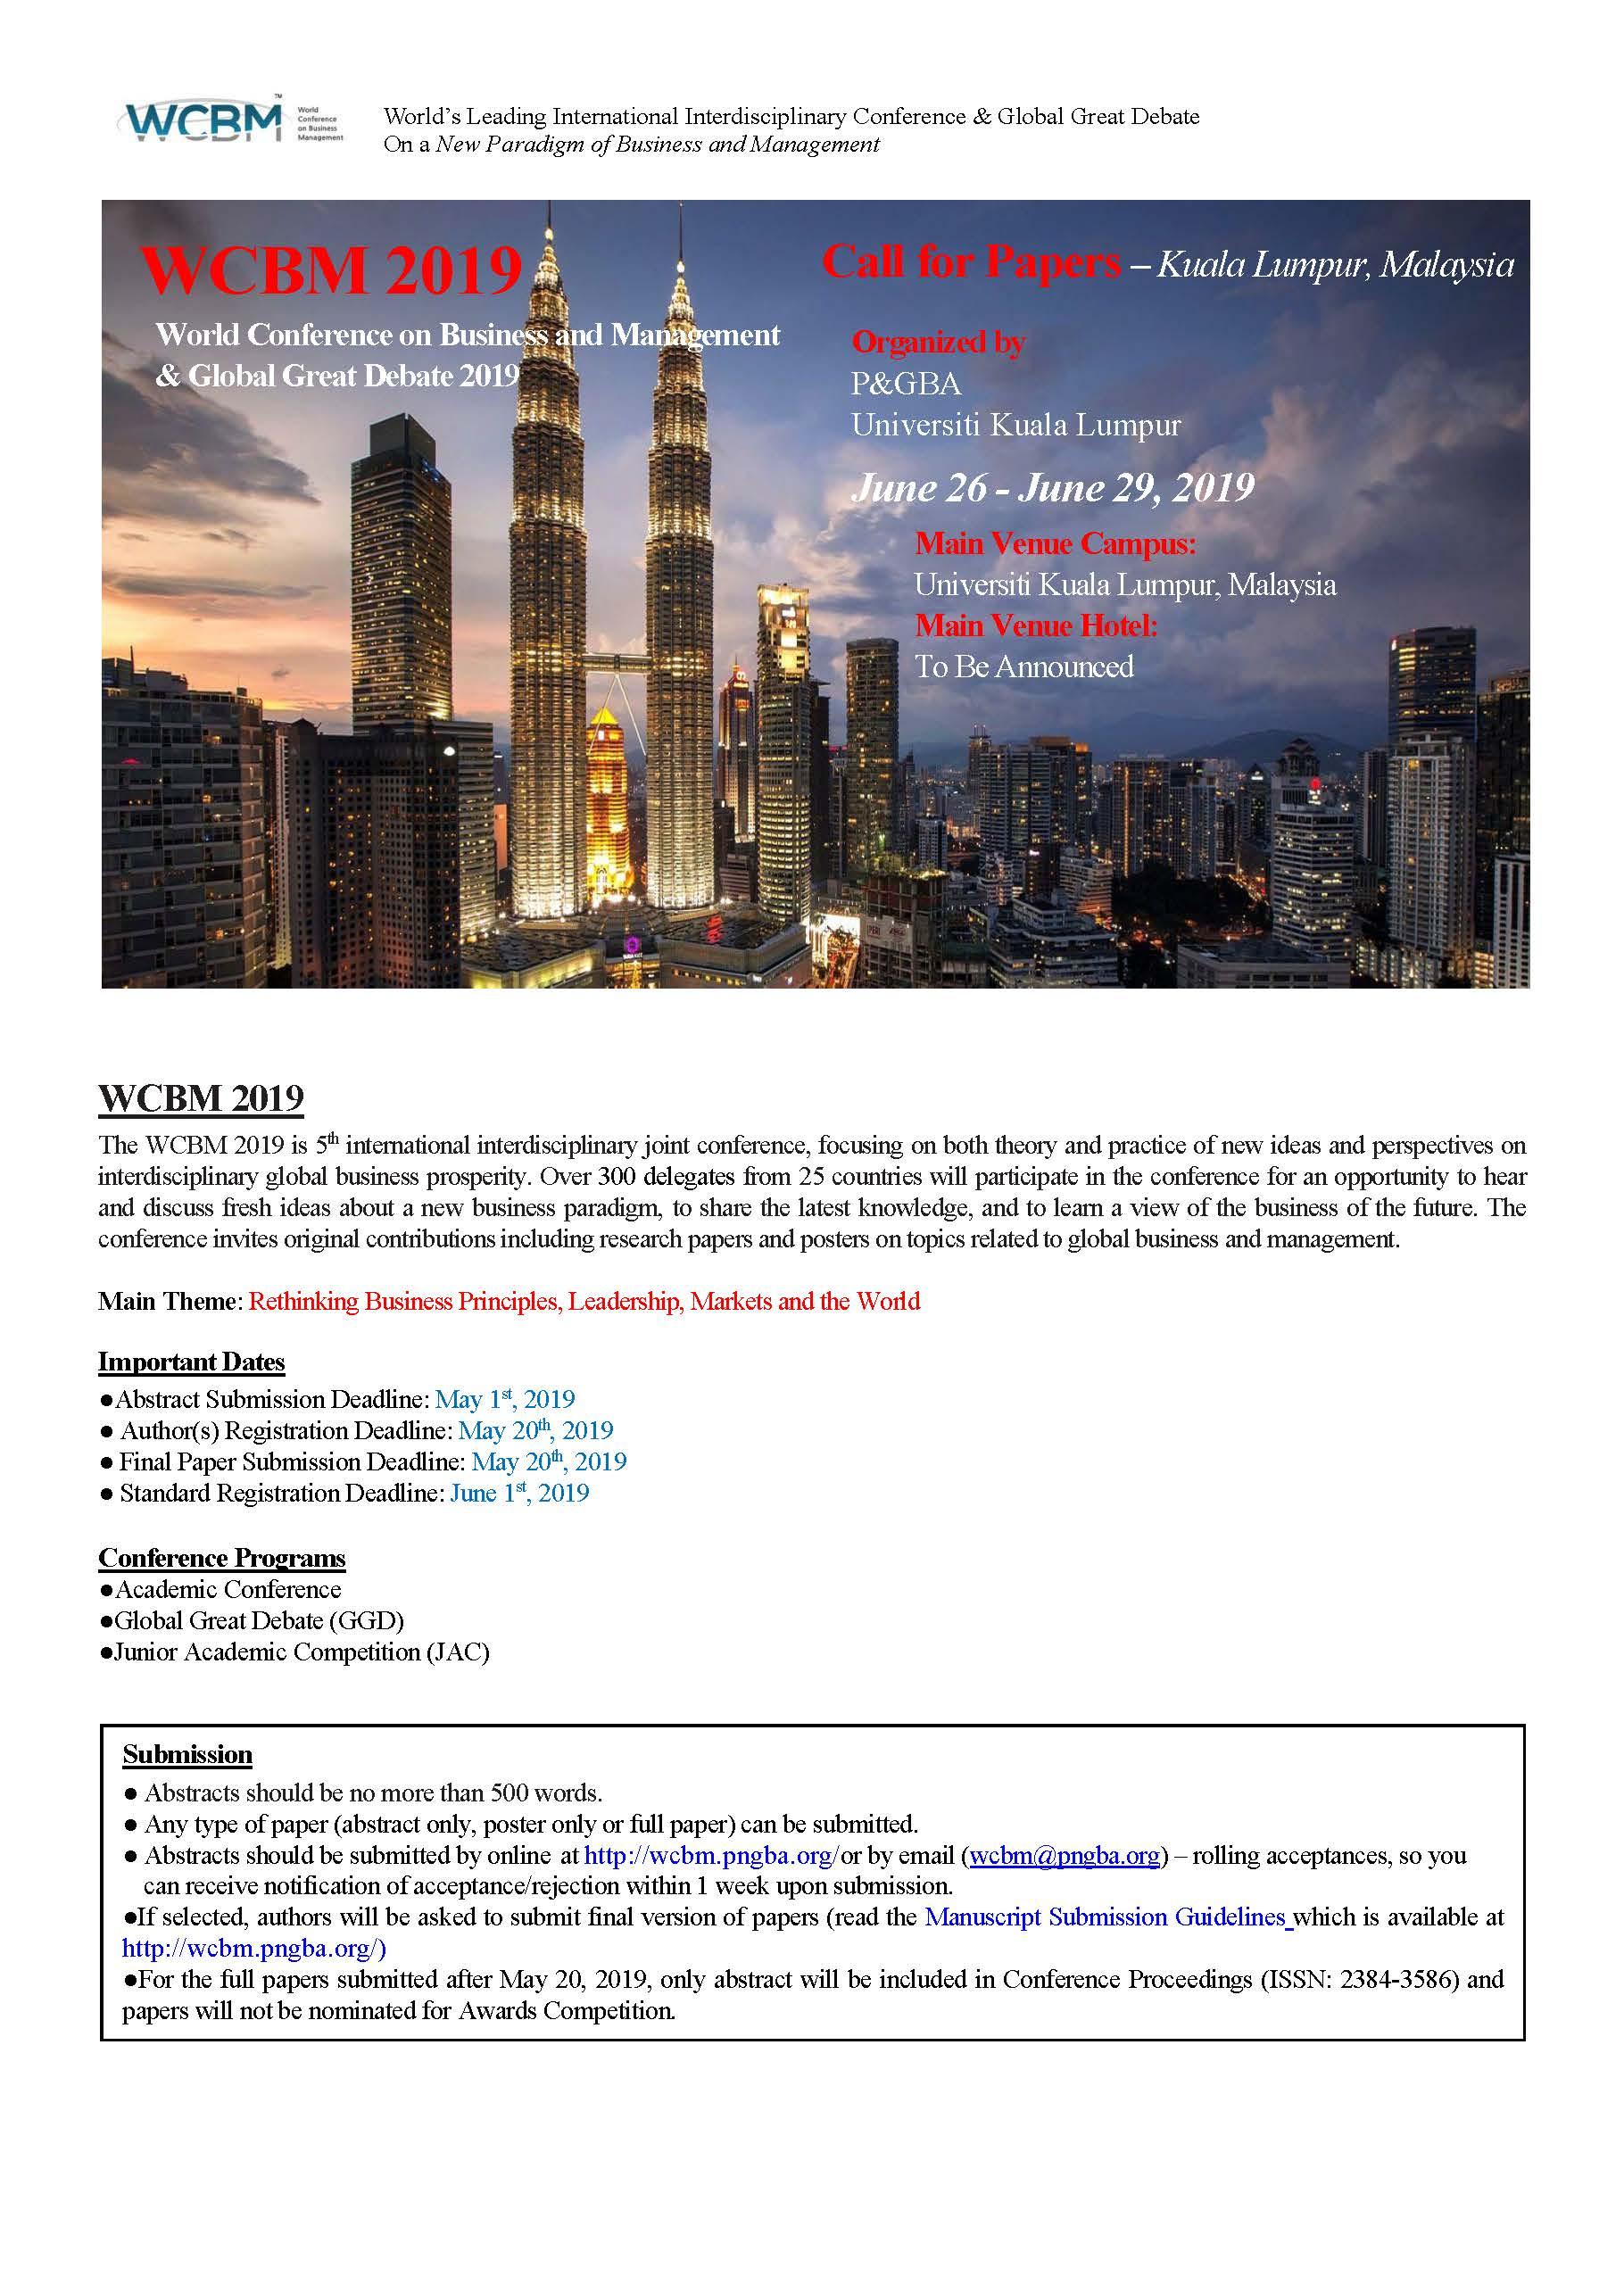 제 6회 청소년/대학생 논문대회 (WCBM 2019 Junior Academic Competition)